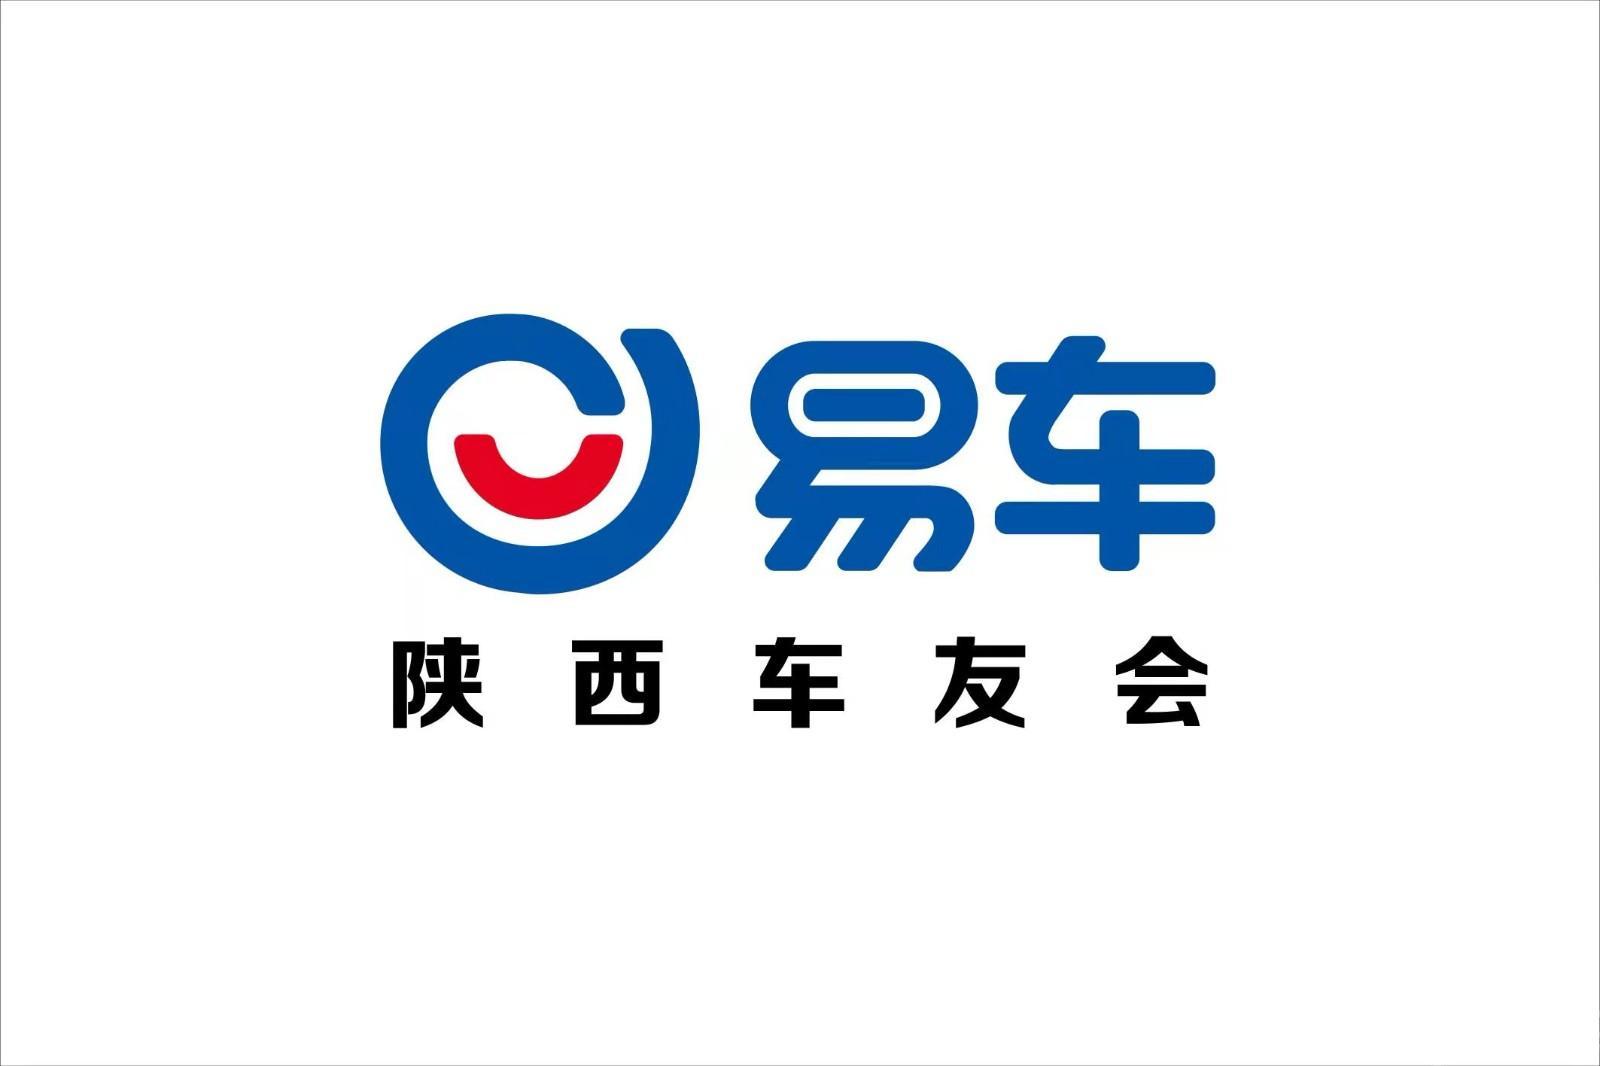 易车陕西论坛2019【迎国庆,展风采】线上主题征文活动招募